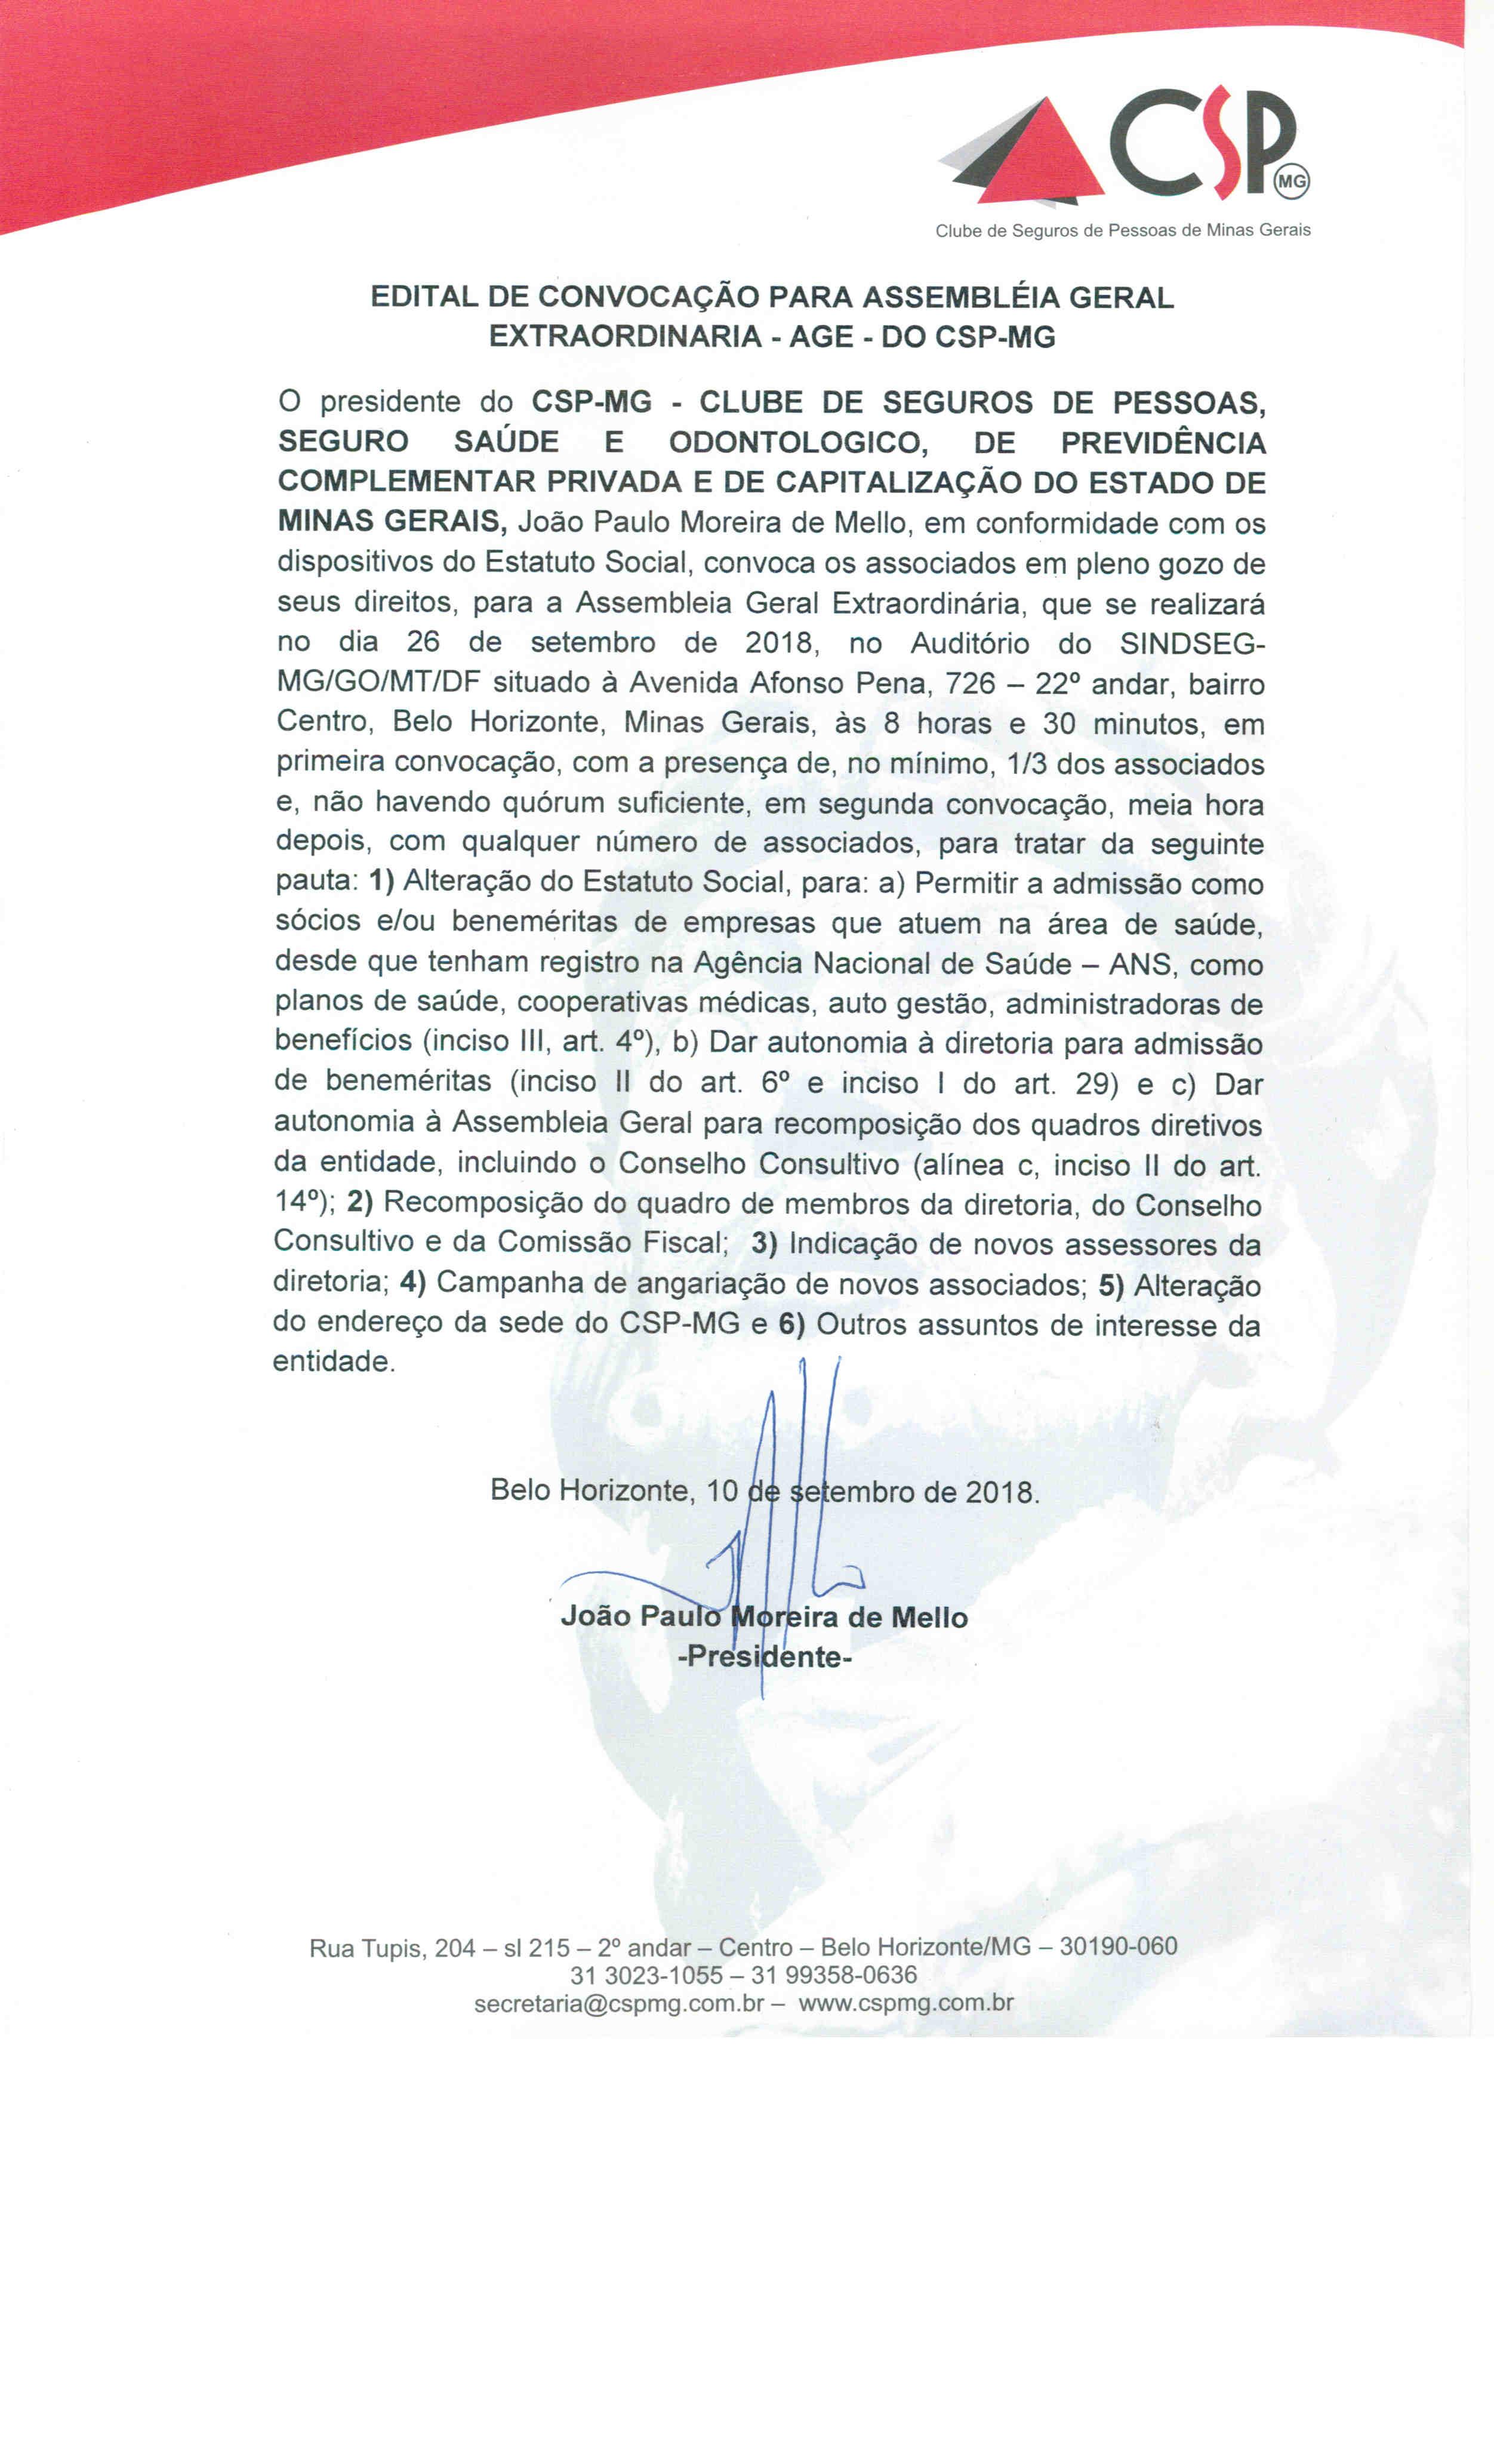 EDITAL DE CONVOCAÇÃO - AGE